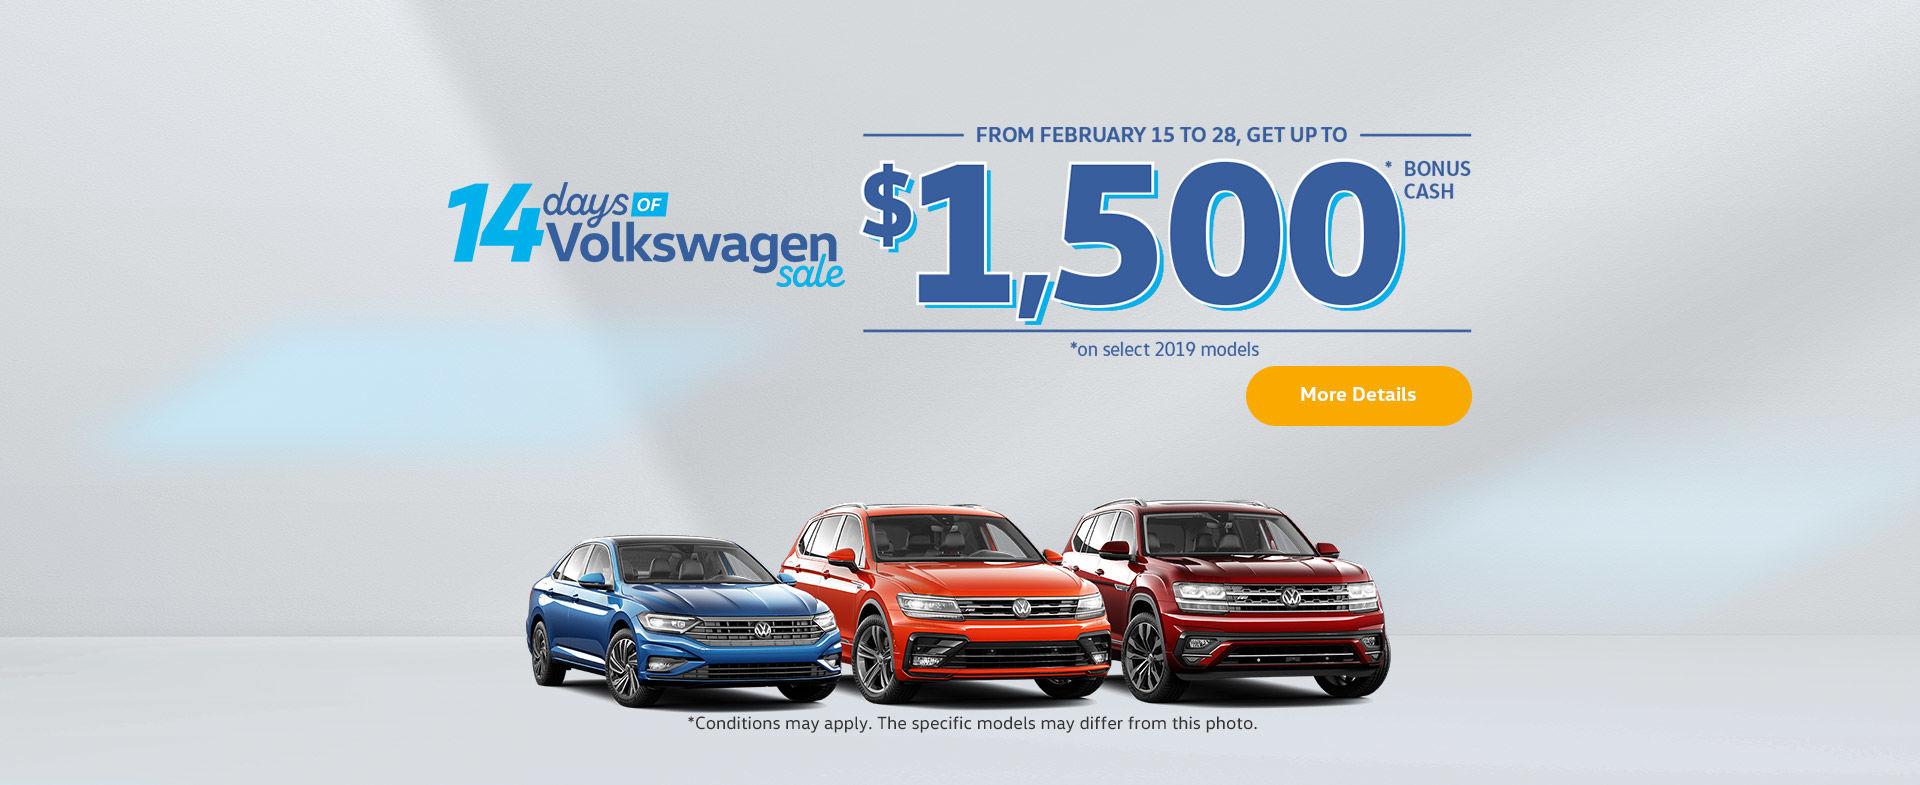 The 14 Days of Volkswagen Sale